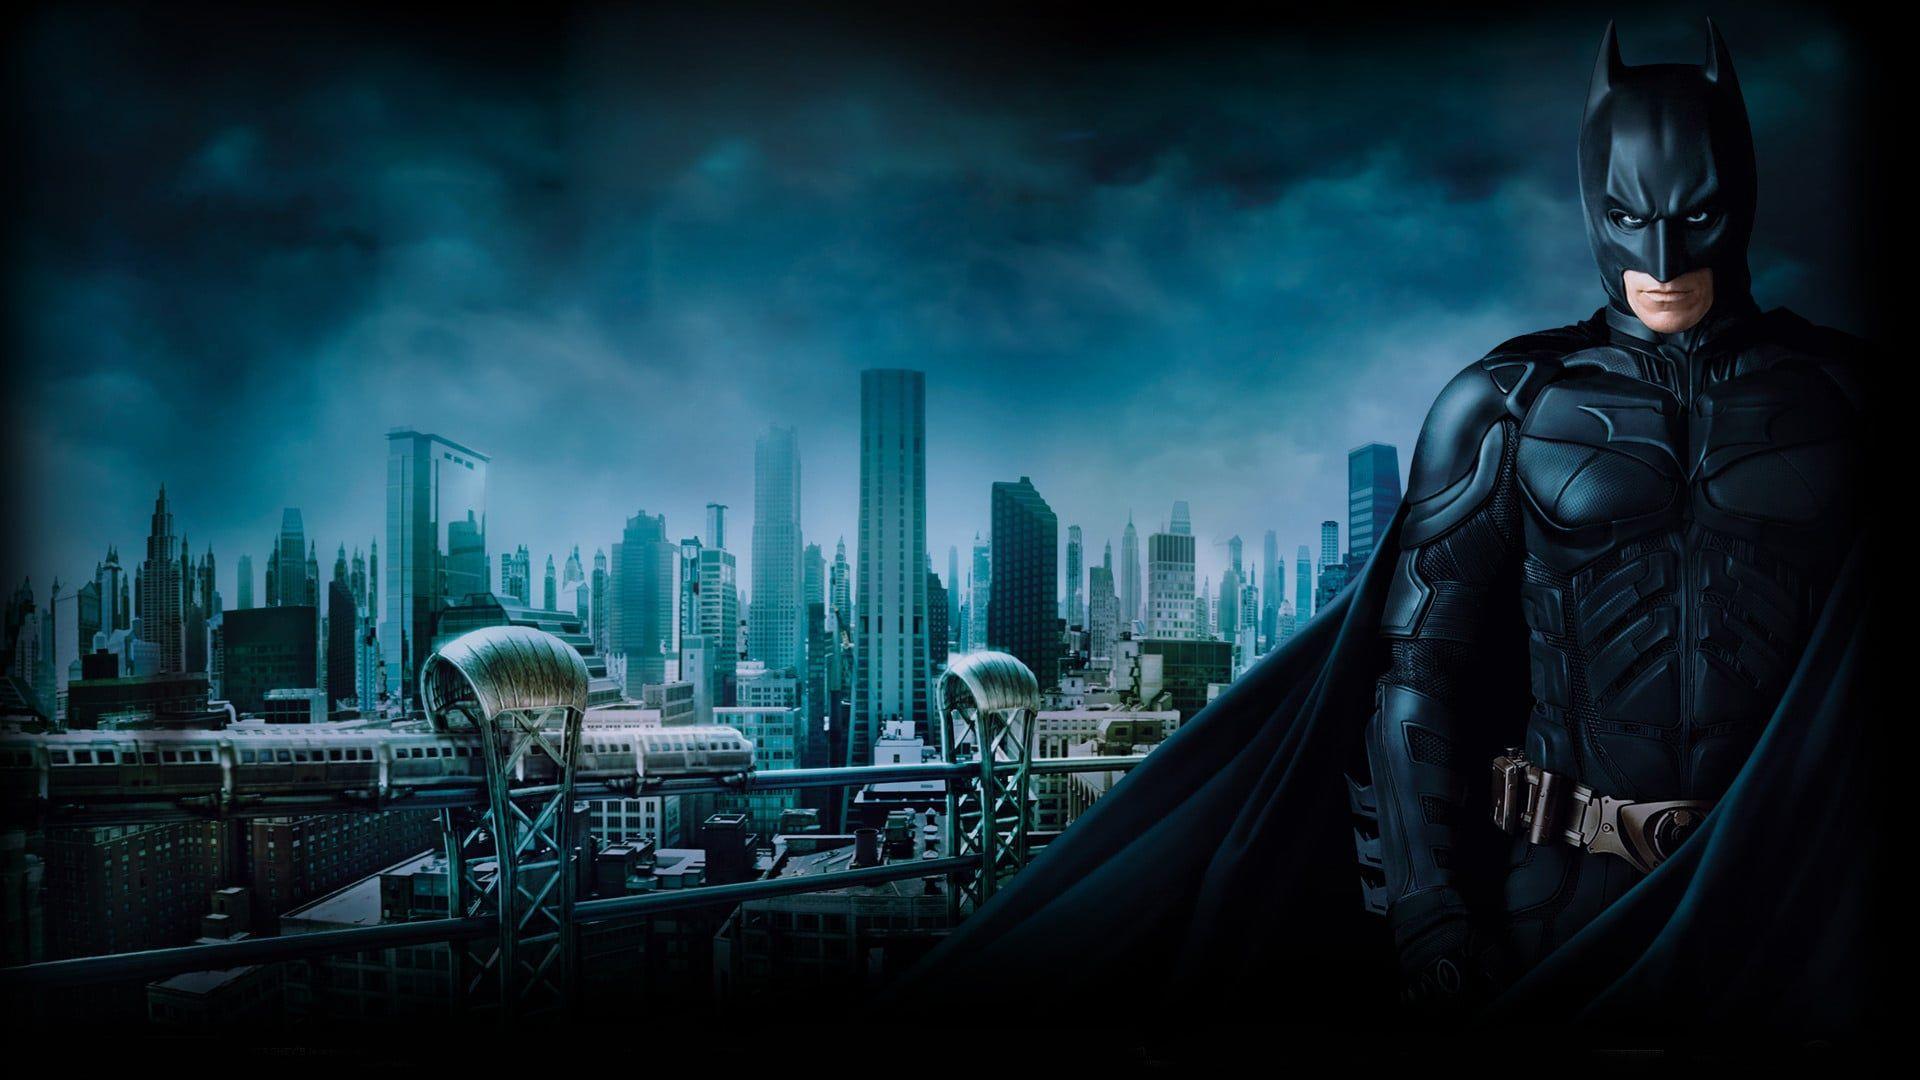 The Dark Knight 2008 Ganzer Film Deutsch Komplett Kino Gemeinsam Mit Bezirksstaatsanwalt Harvey Dent Und Lieutenant James Gordon Versucht Der Im Fledermauskostu